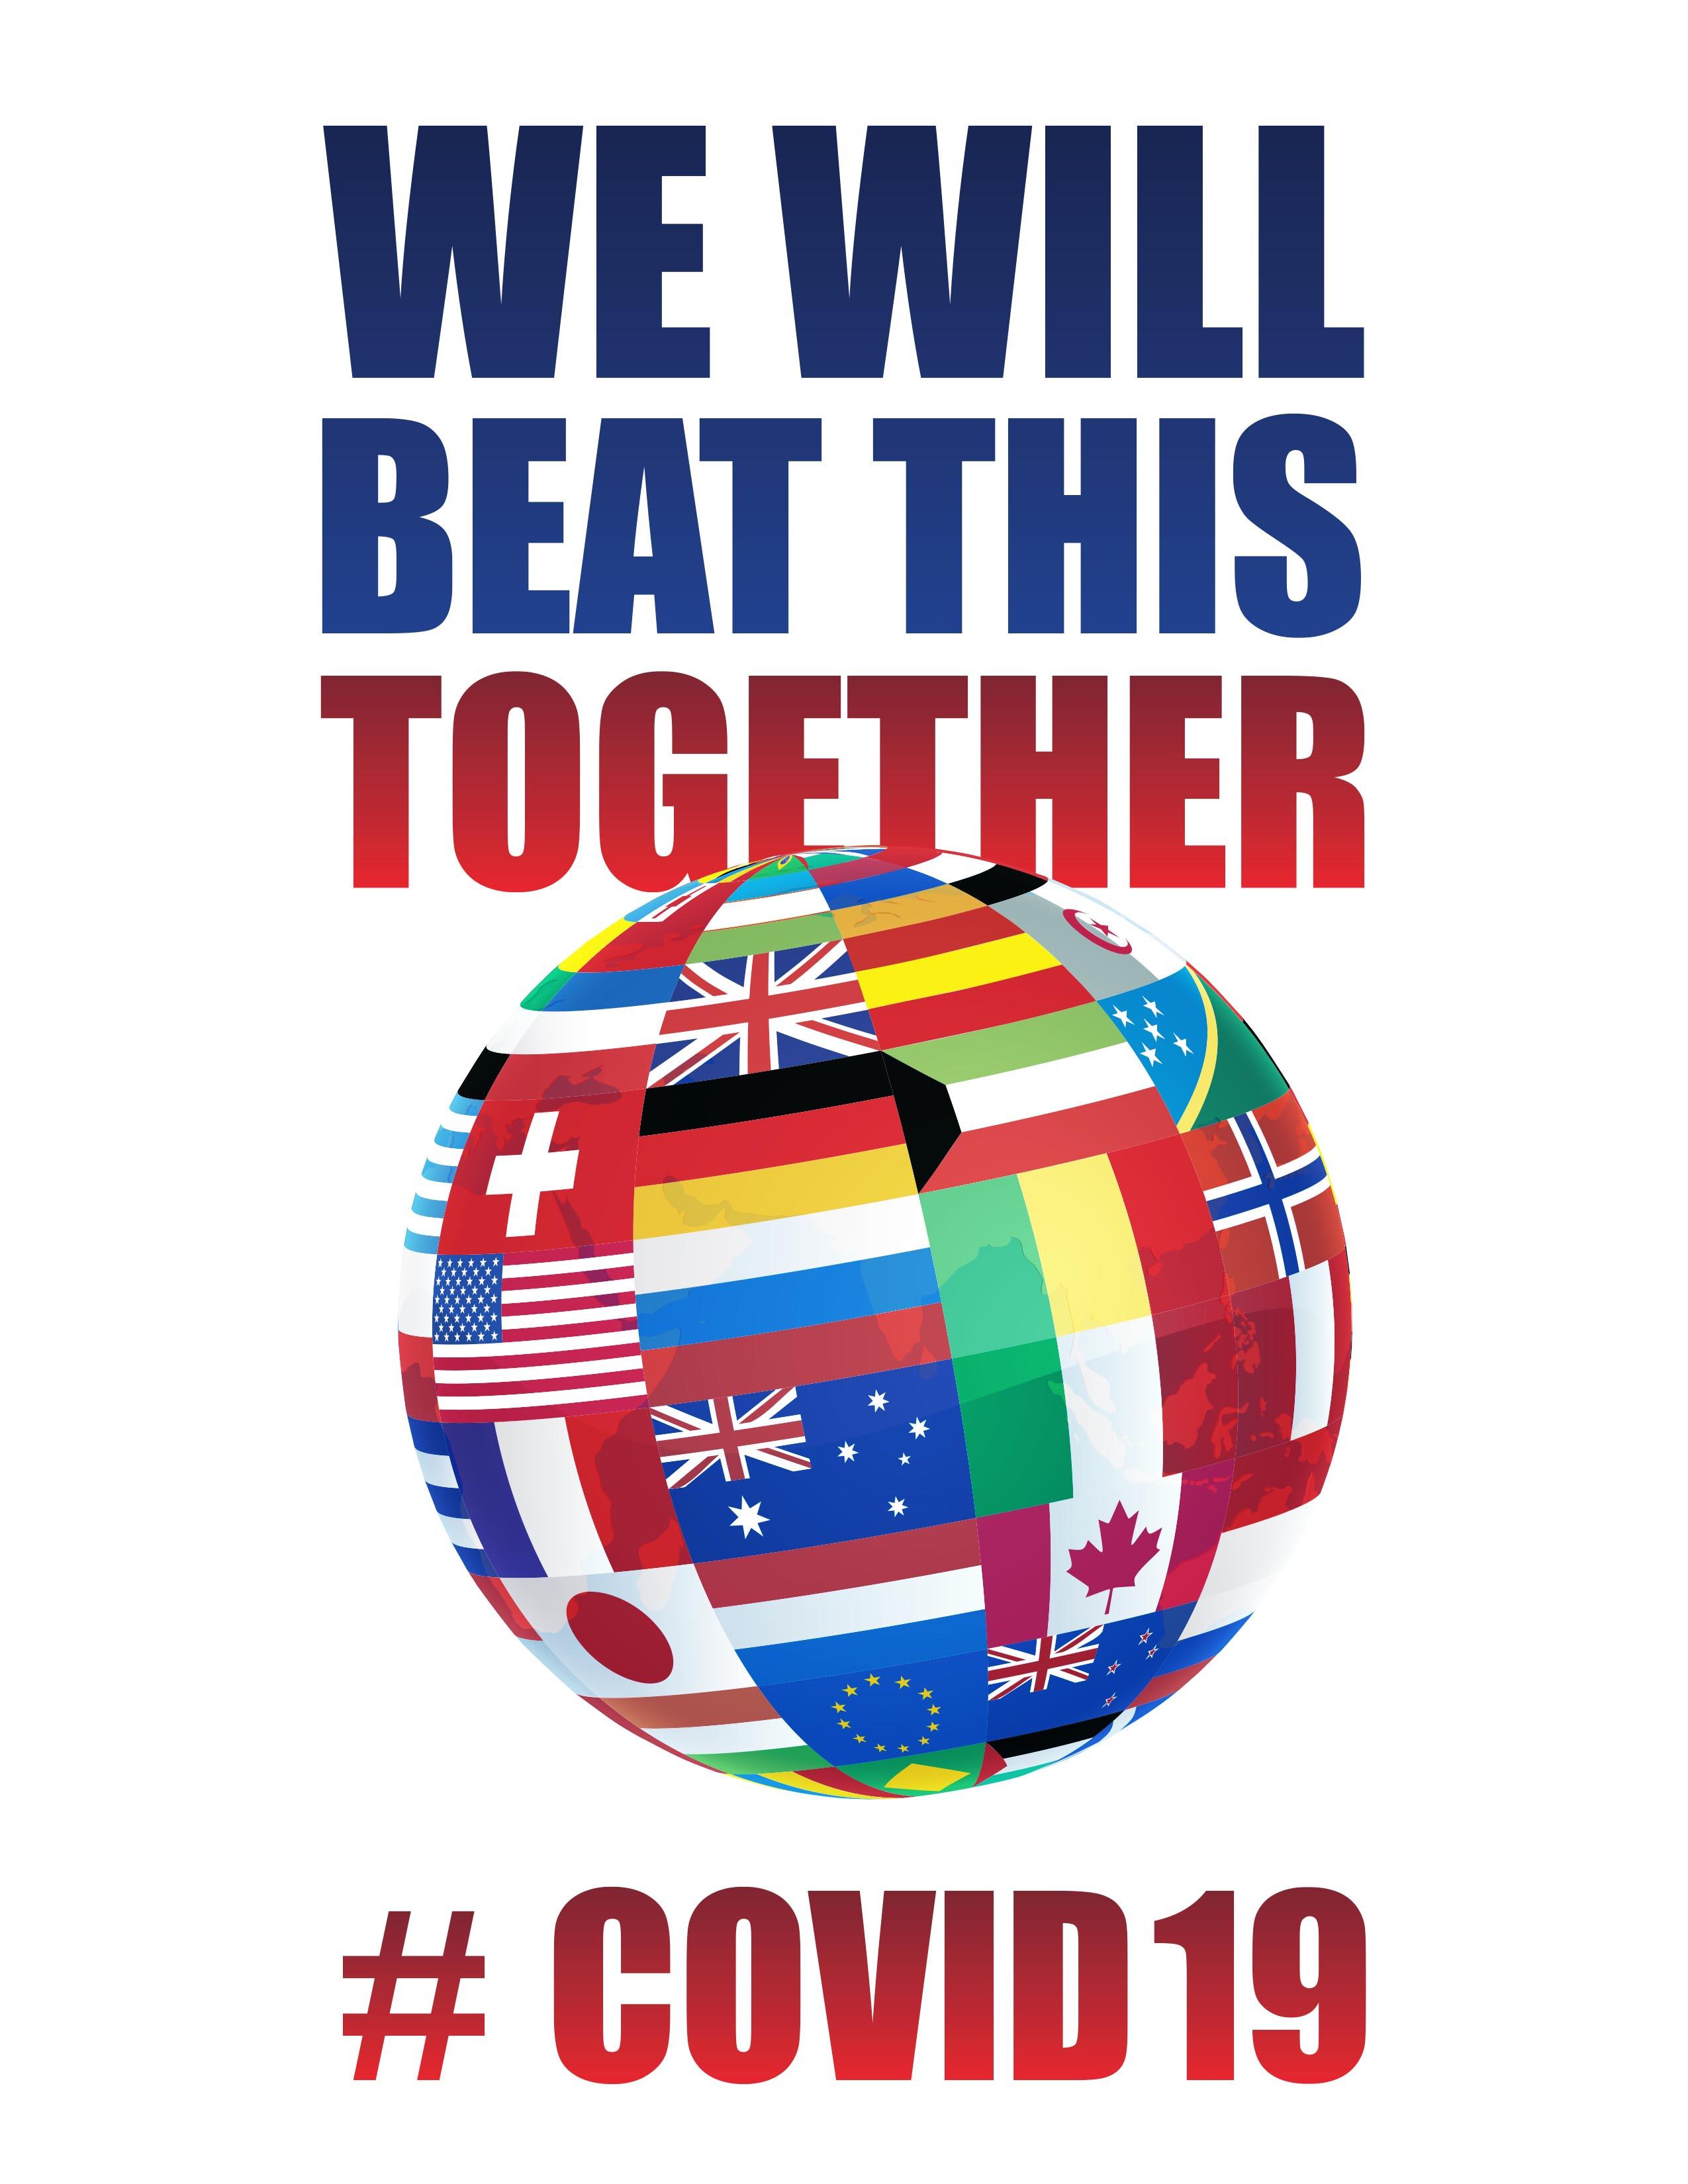 We will beat this together coronavirus poster.